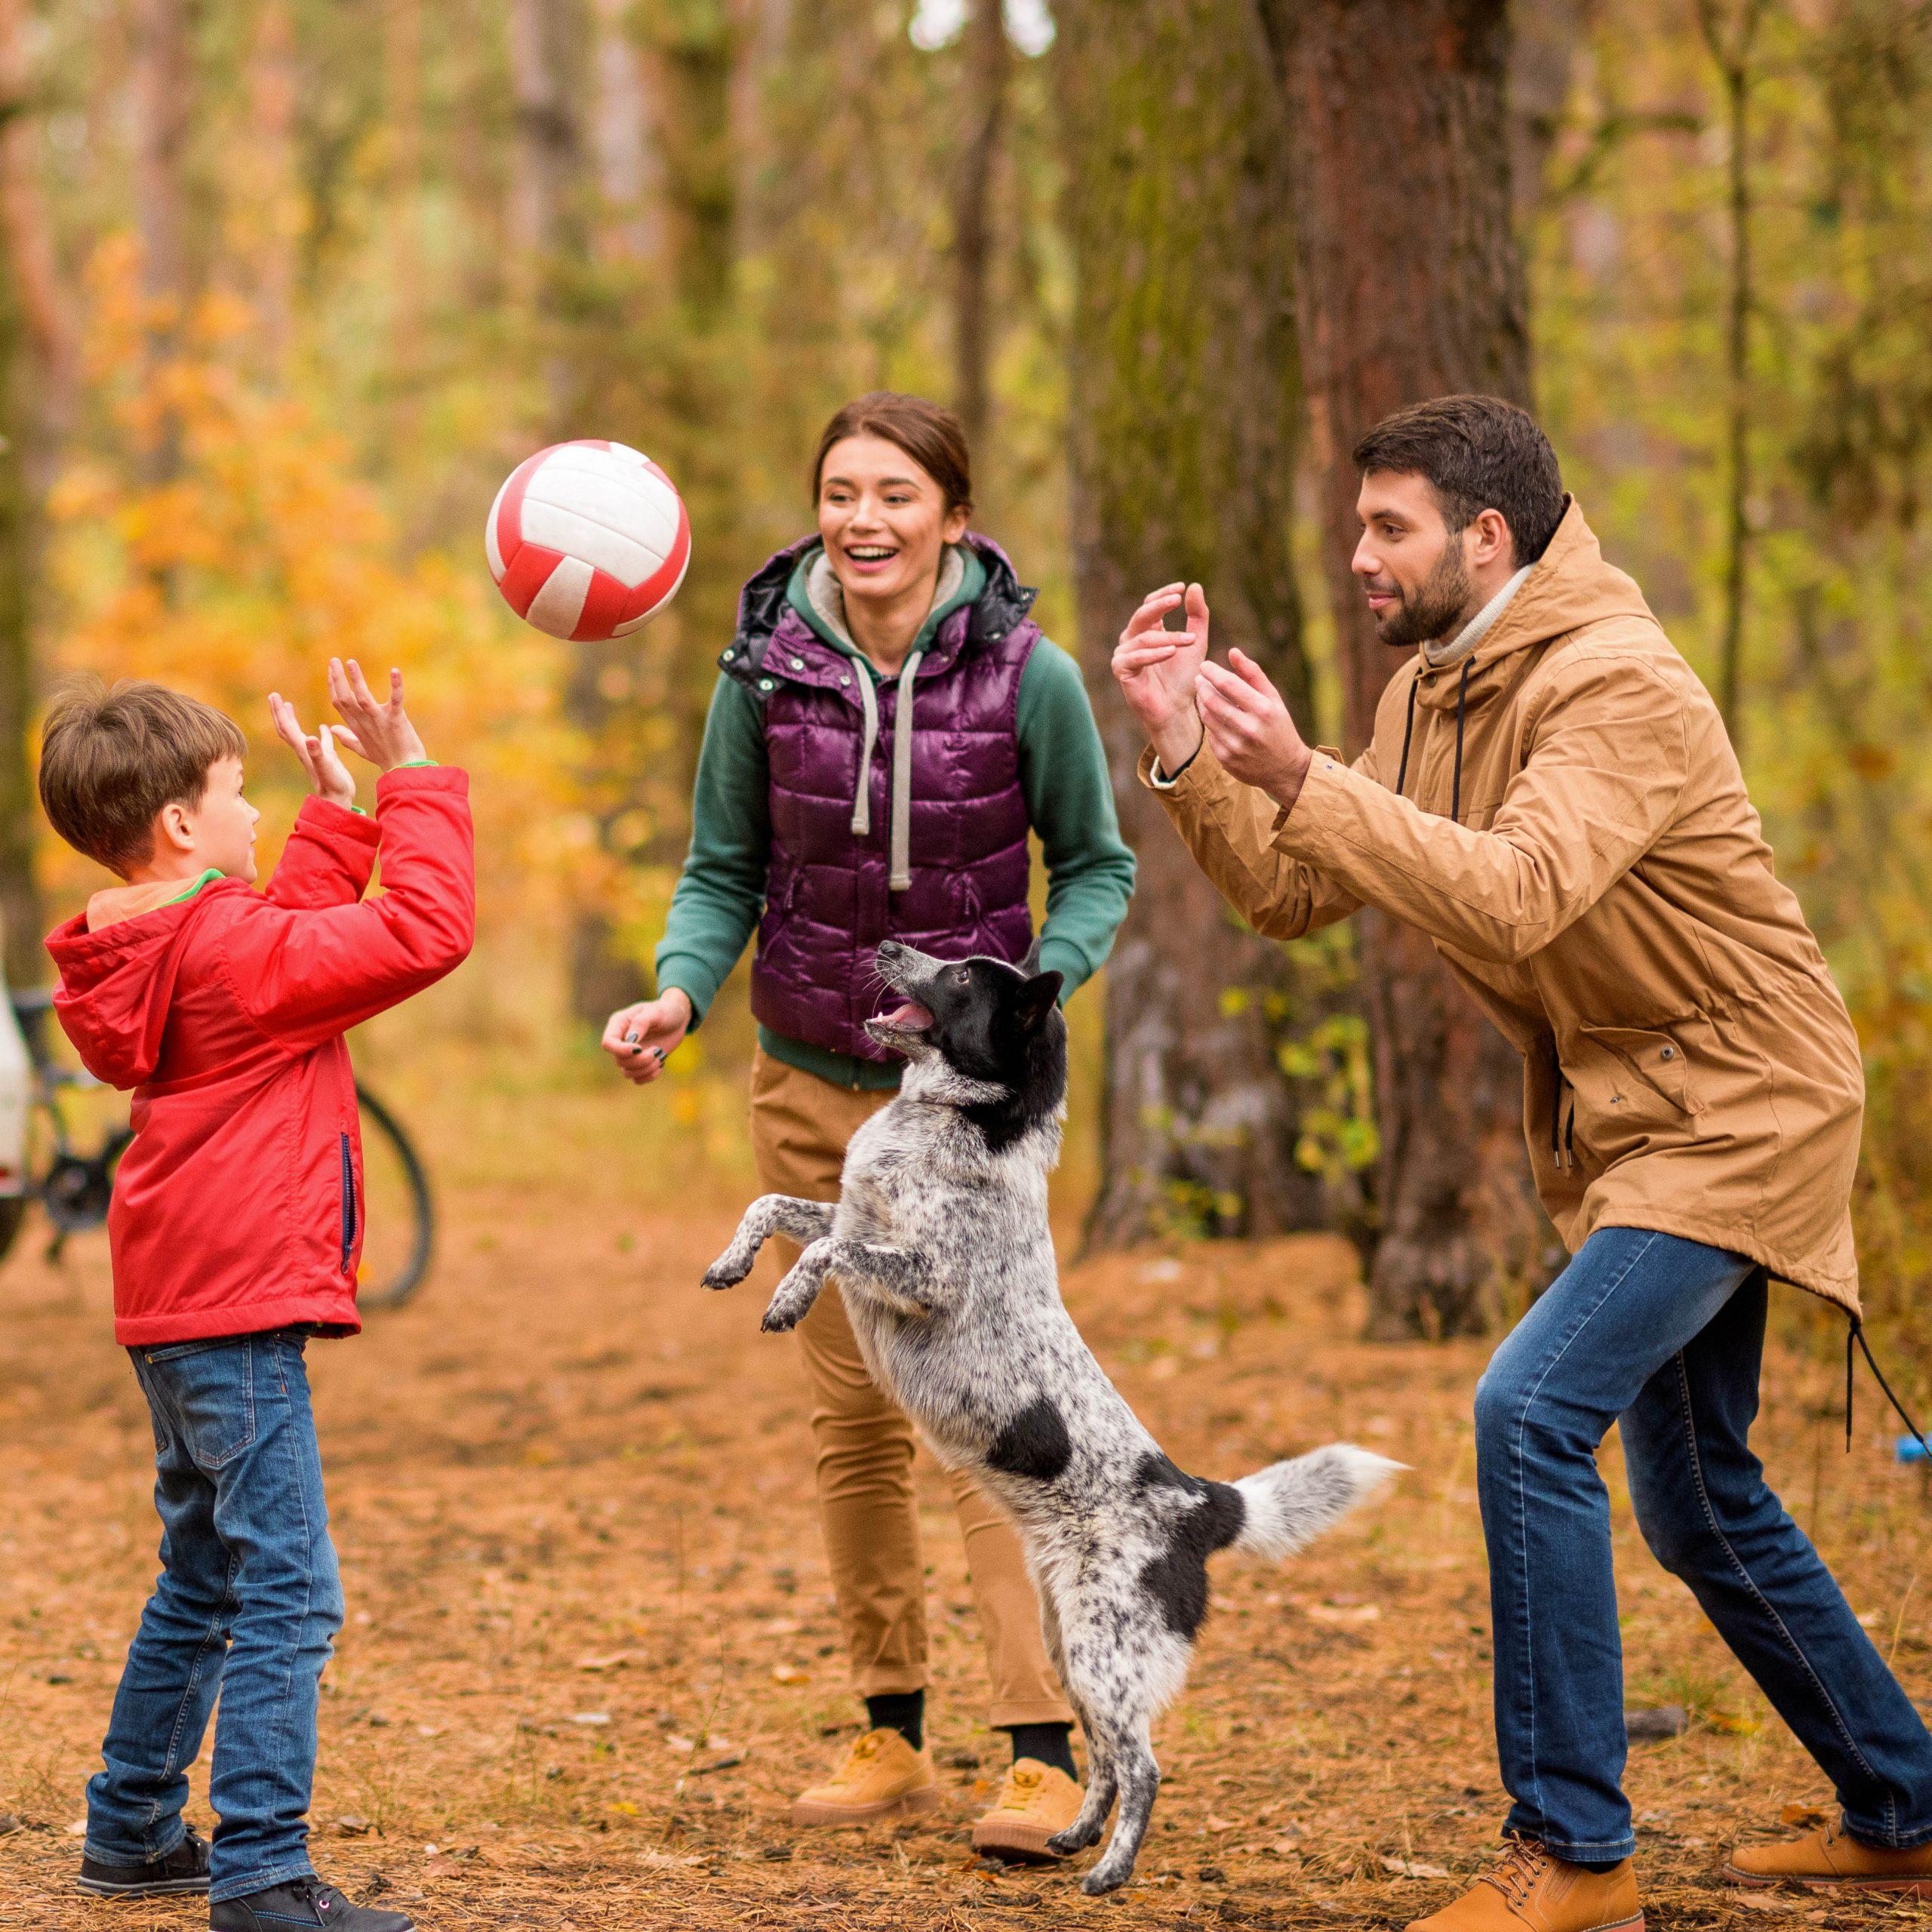 Eine Familie spielt mit ihrem Hund Ball im Wald